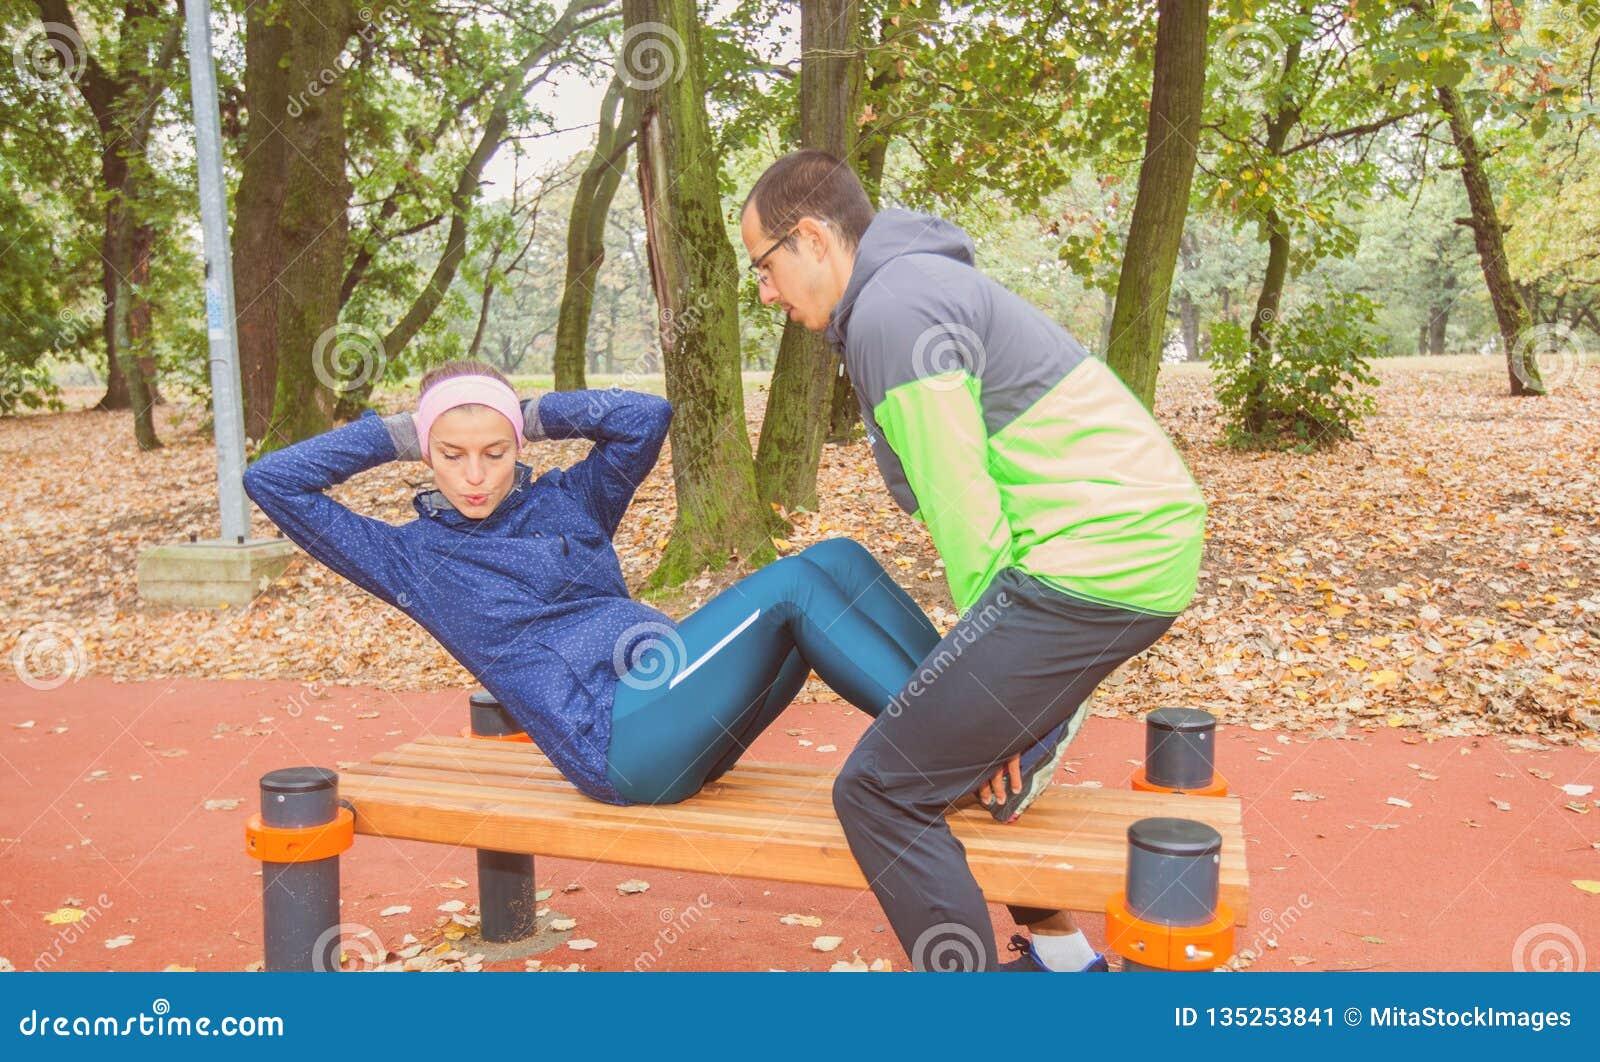 做健身锻炼仰卧起坐室外锻炼的适合年轻女人